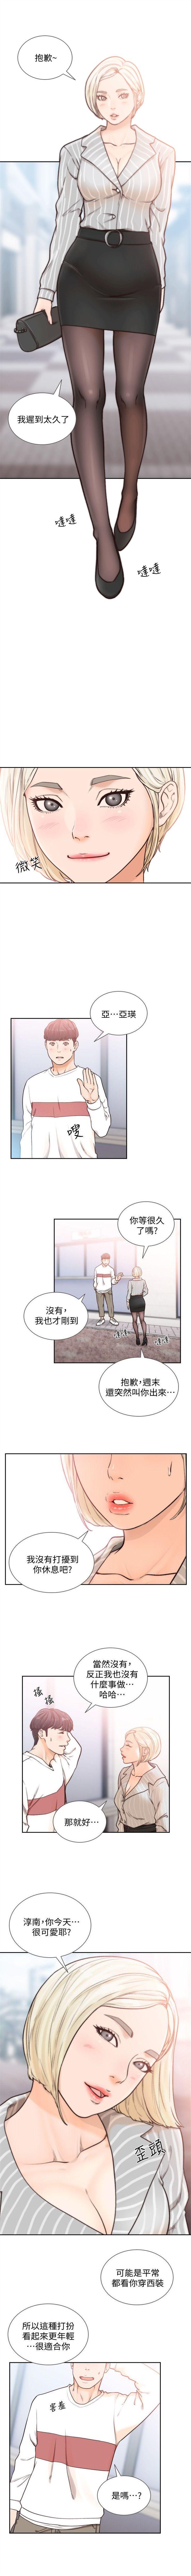 前女友 1-48 中文翻译(更新中) 112